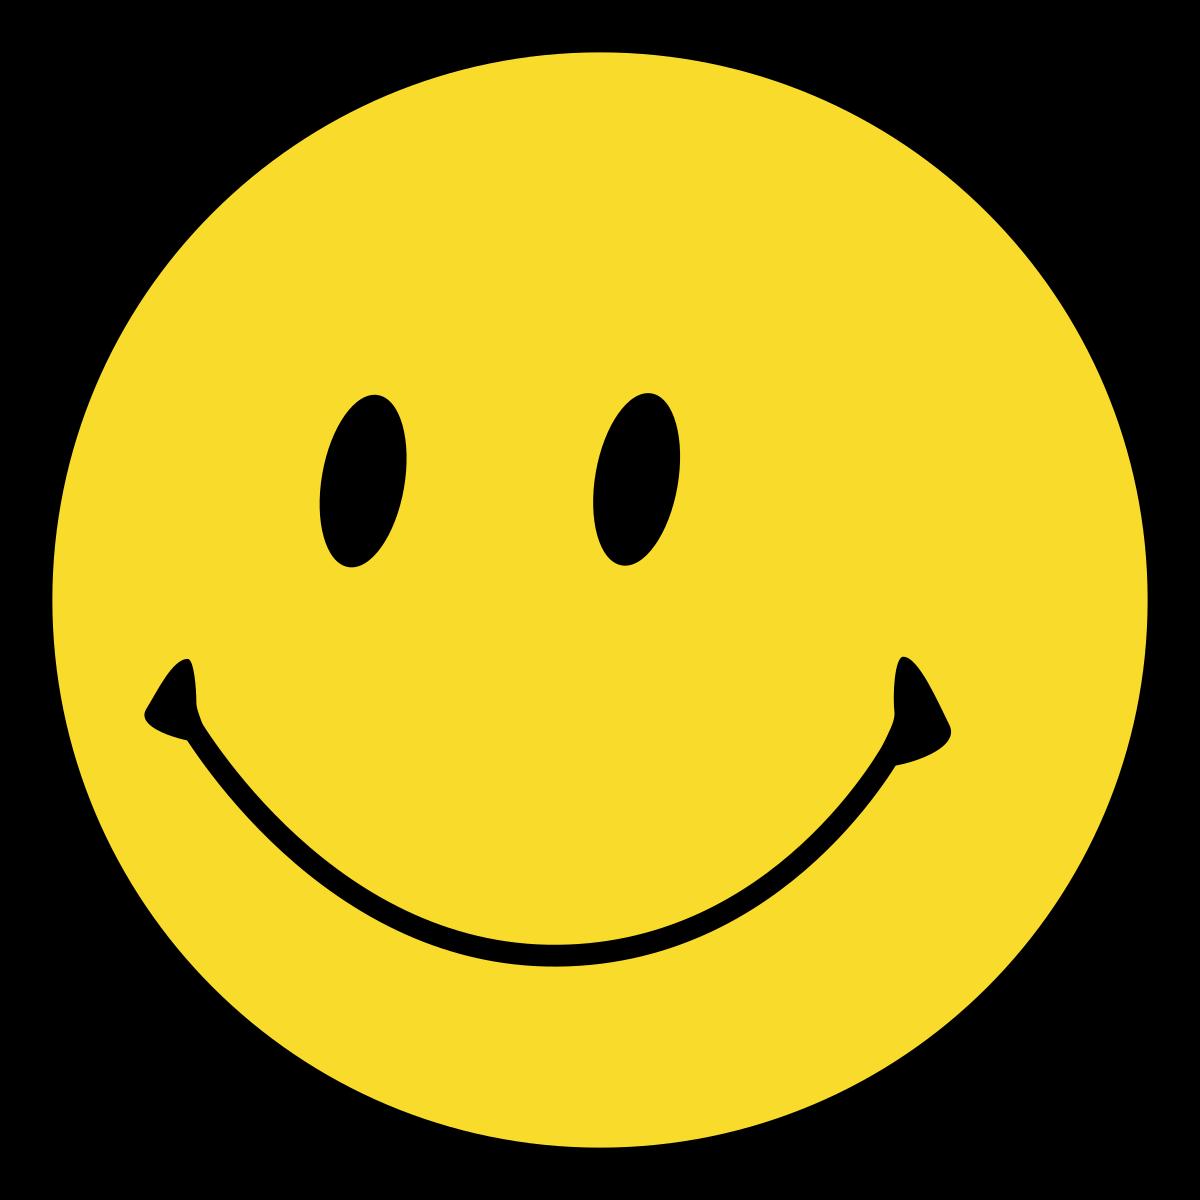 Drawn smile smiley face Smiley  Wikipedia